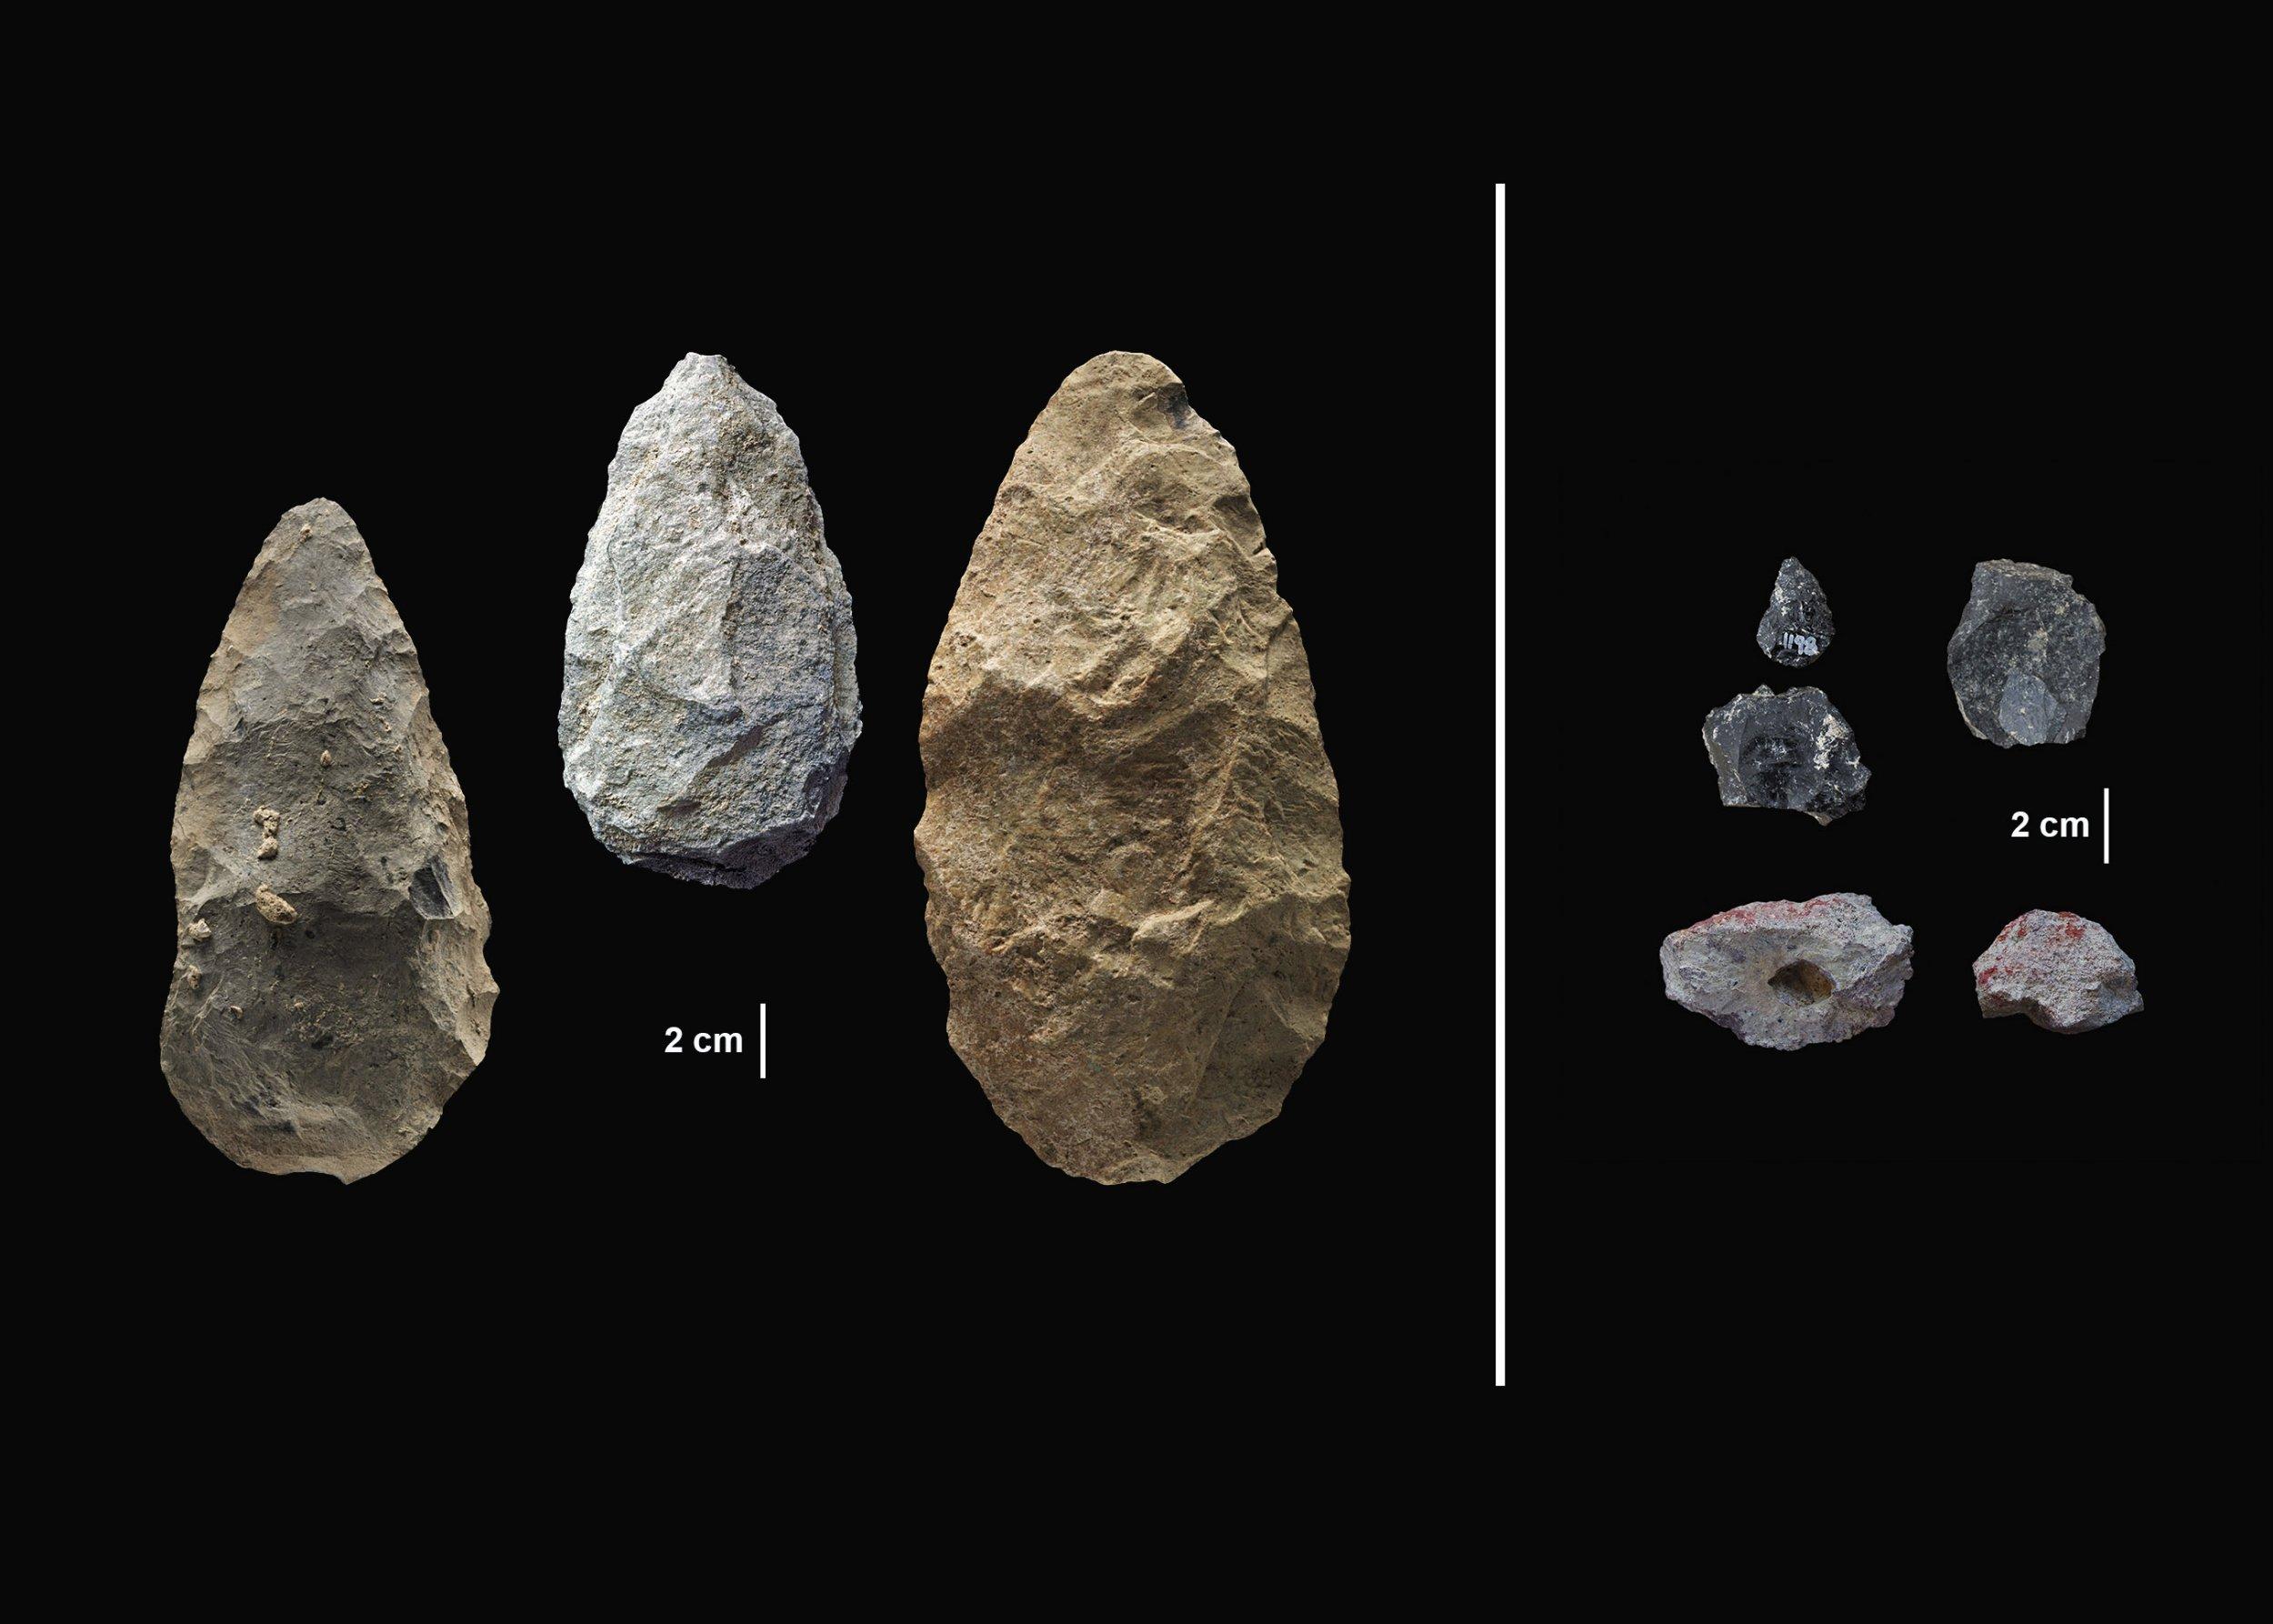 3_16_Olorgesailie Achulean Handaxes MSA points pigments (1)